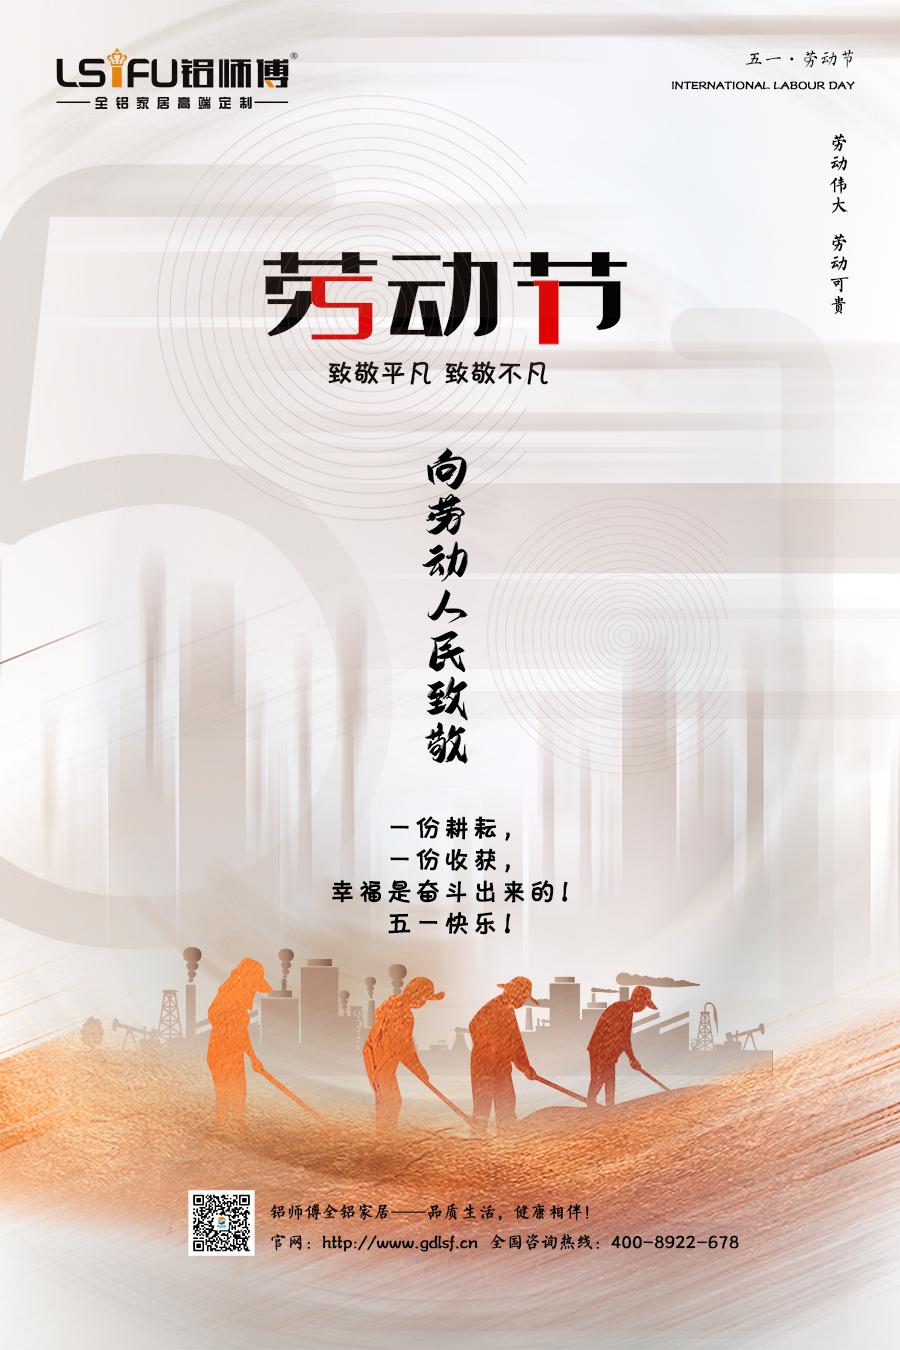 五一劳动节来临之际,铝师傅全铝家居向劳动者致敬!